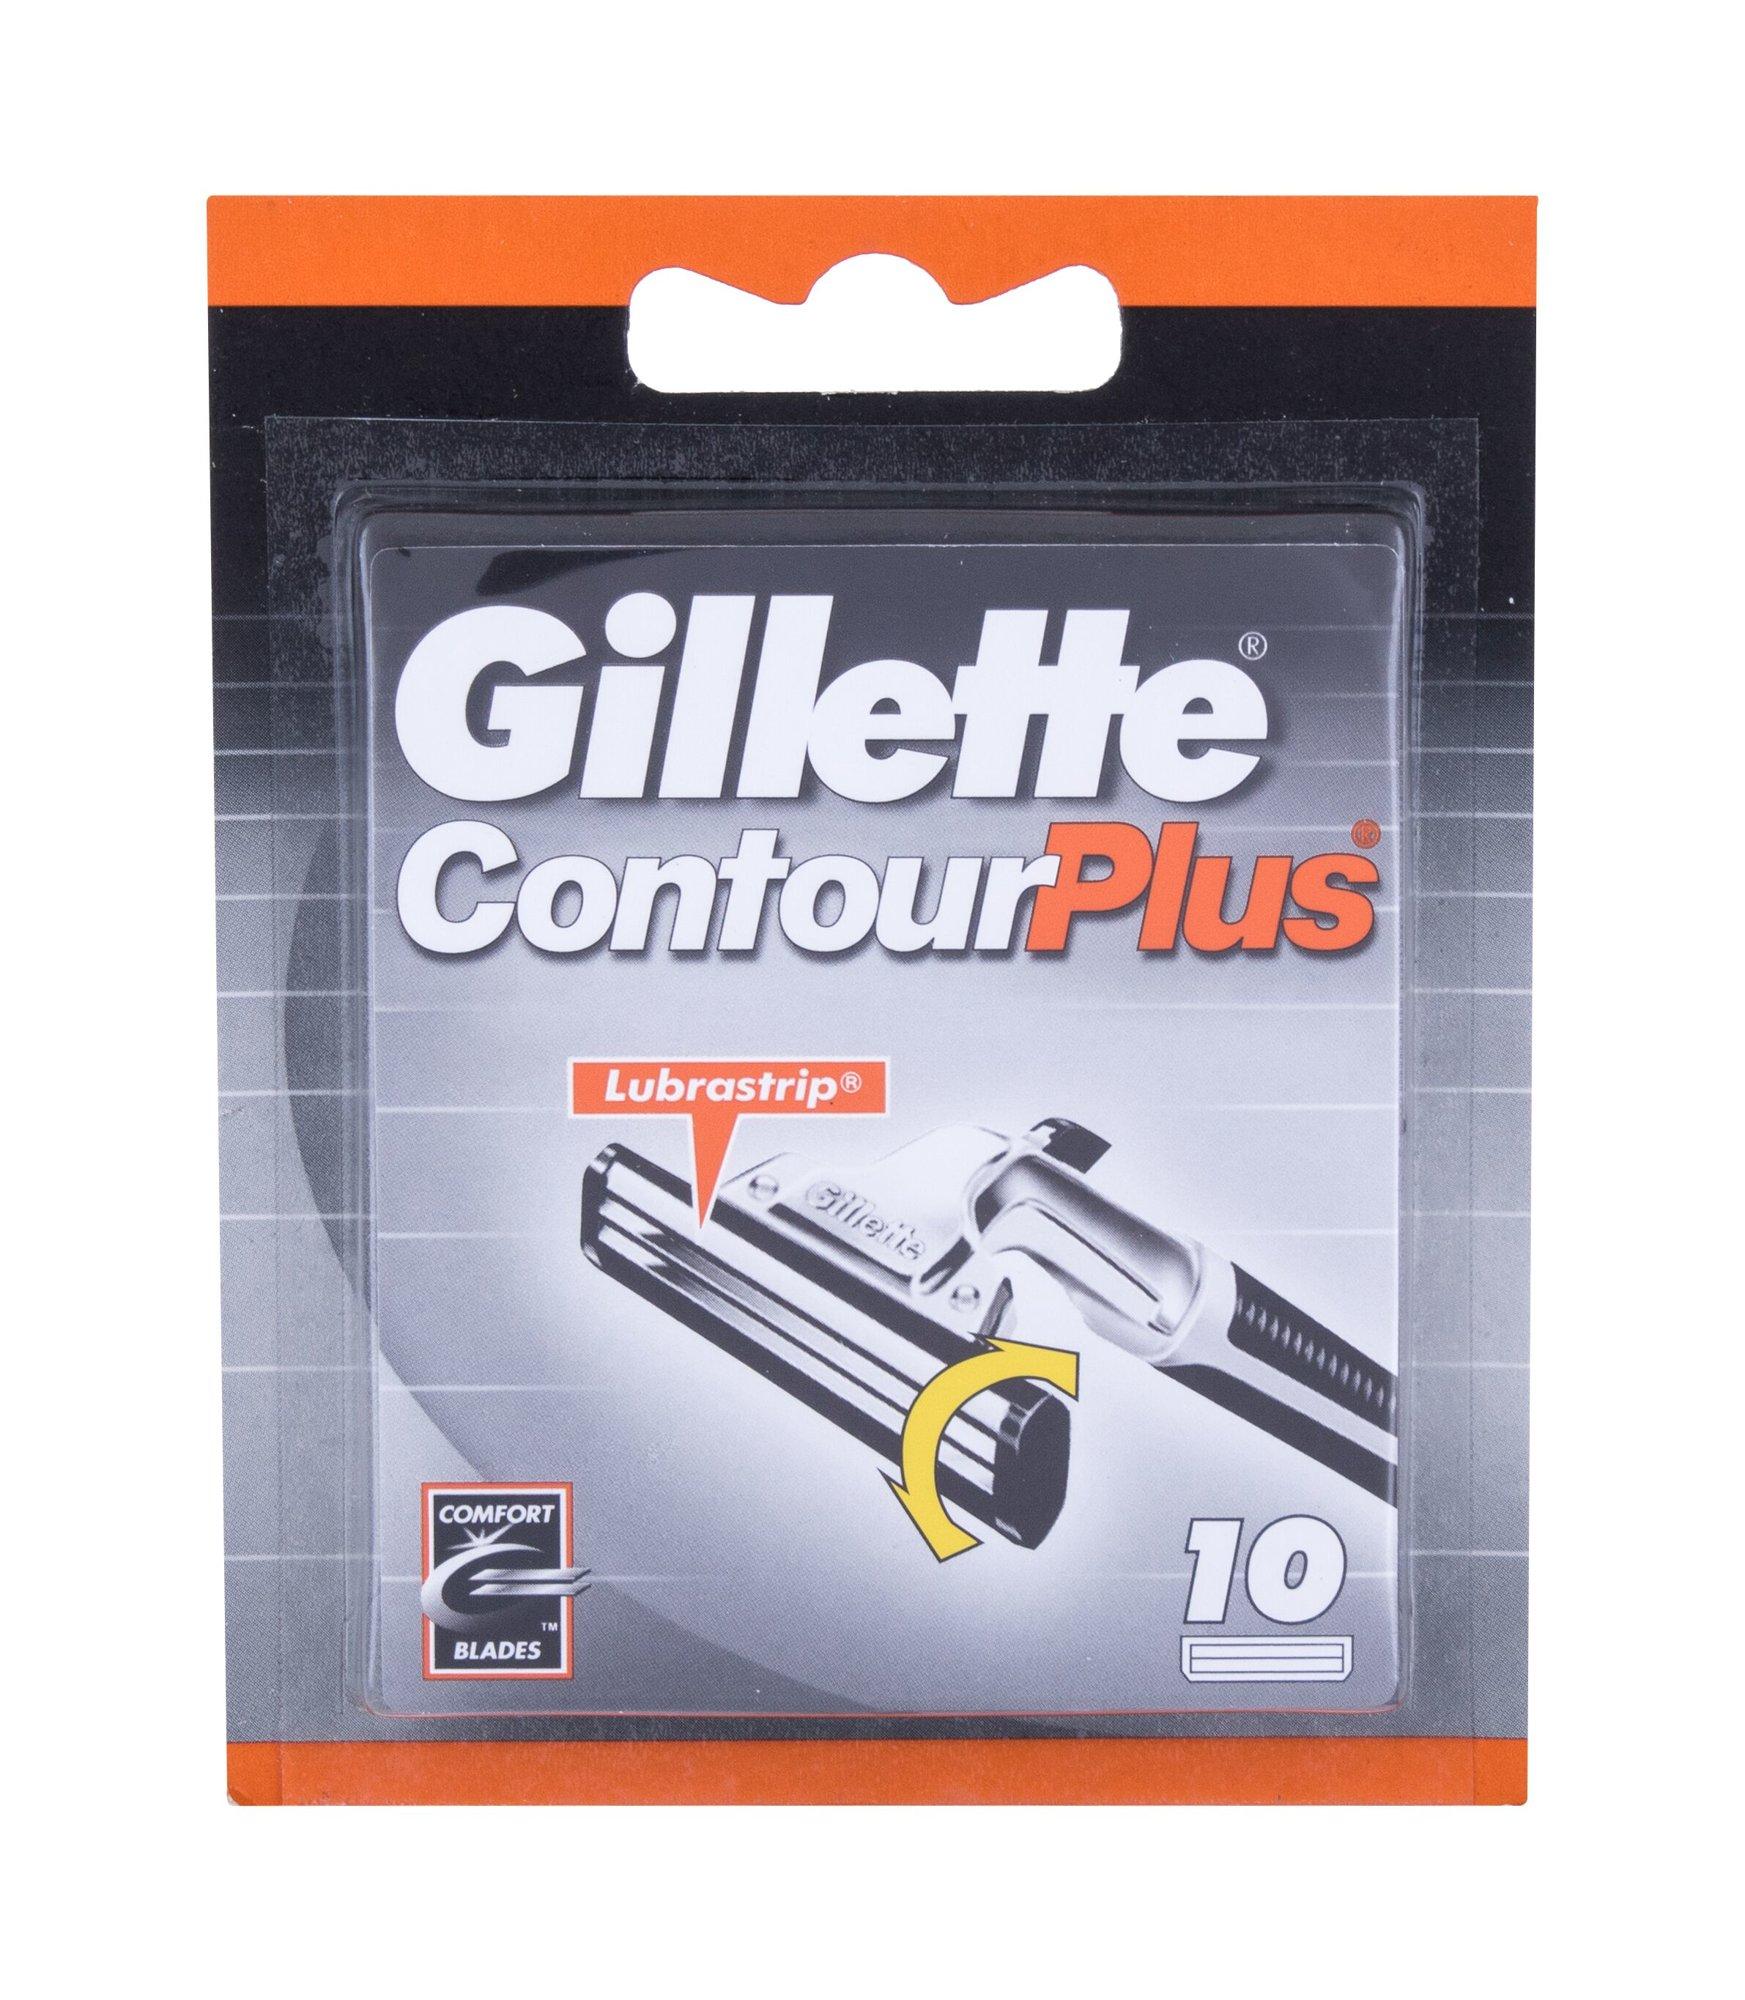 Gillette Contour Plus, Náhradné ostrie 5ks